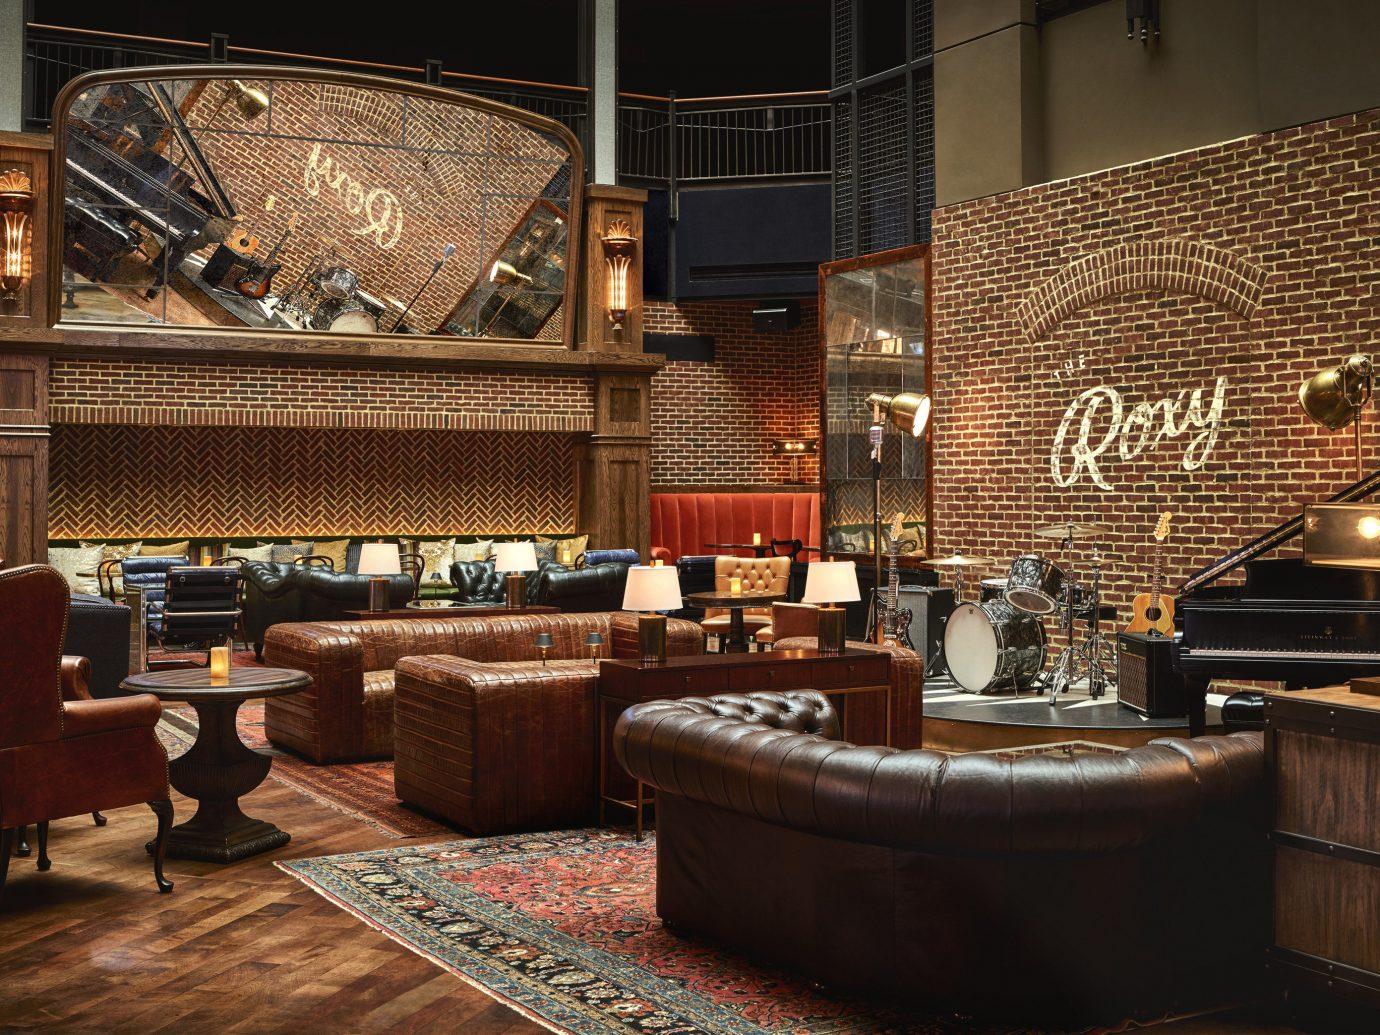 Trip Ideas indoor floor Living Lobby room interior design Bar estate living room theatre furniture